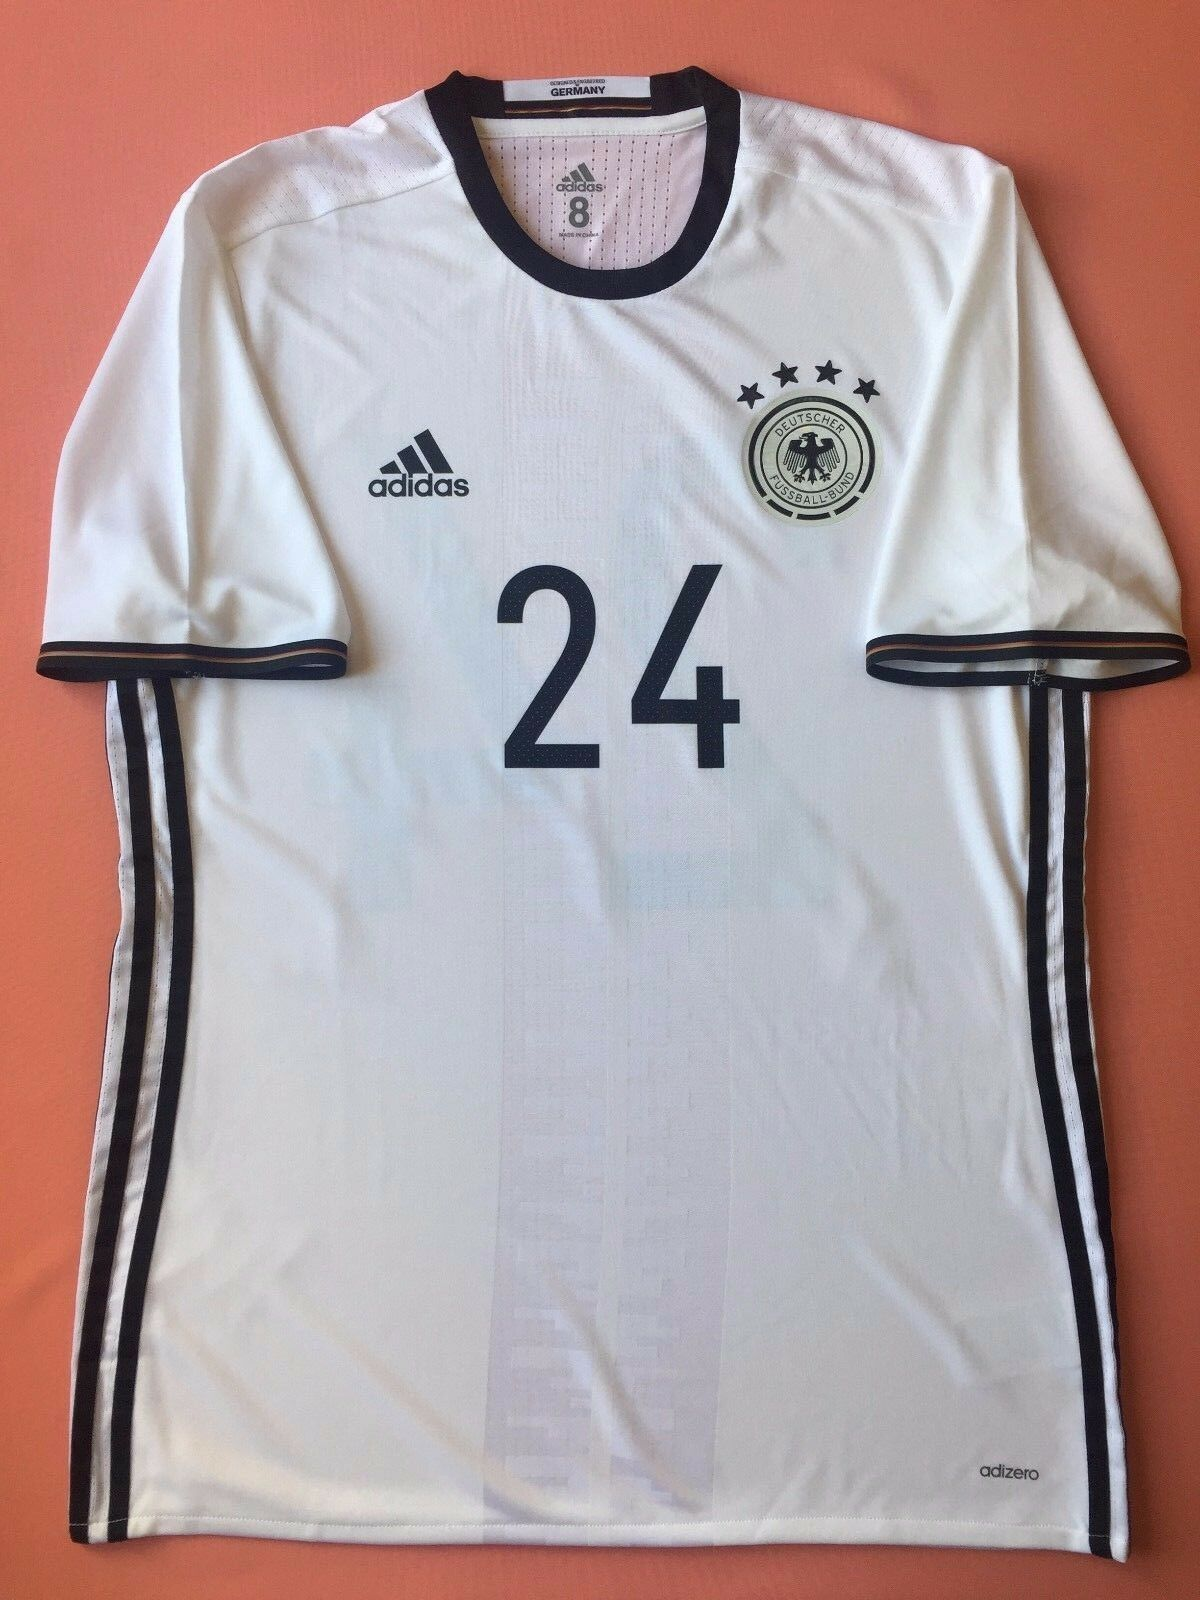 5+ 5 Geruomoy Soccer Jersey adidas Adizero Men's Men's Men's Authentic Home 2016 AI5015 af4